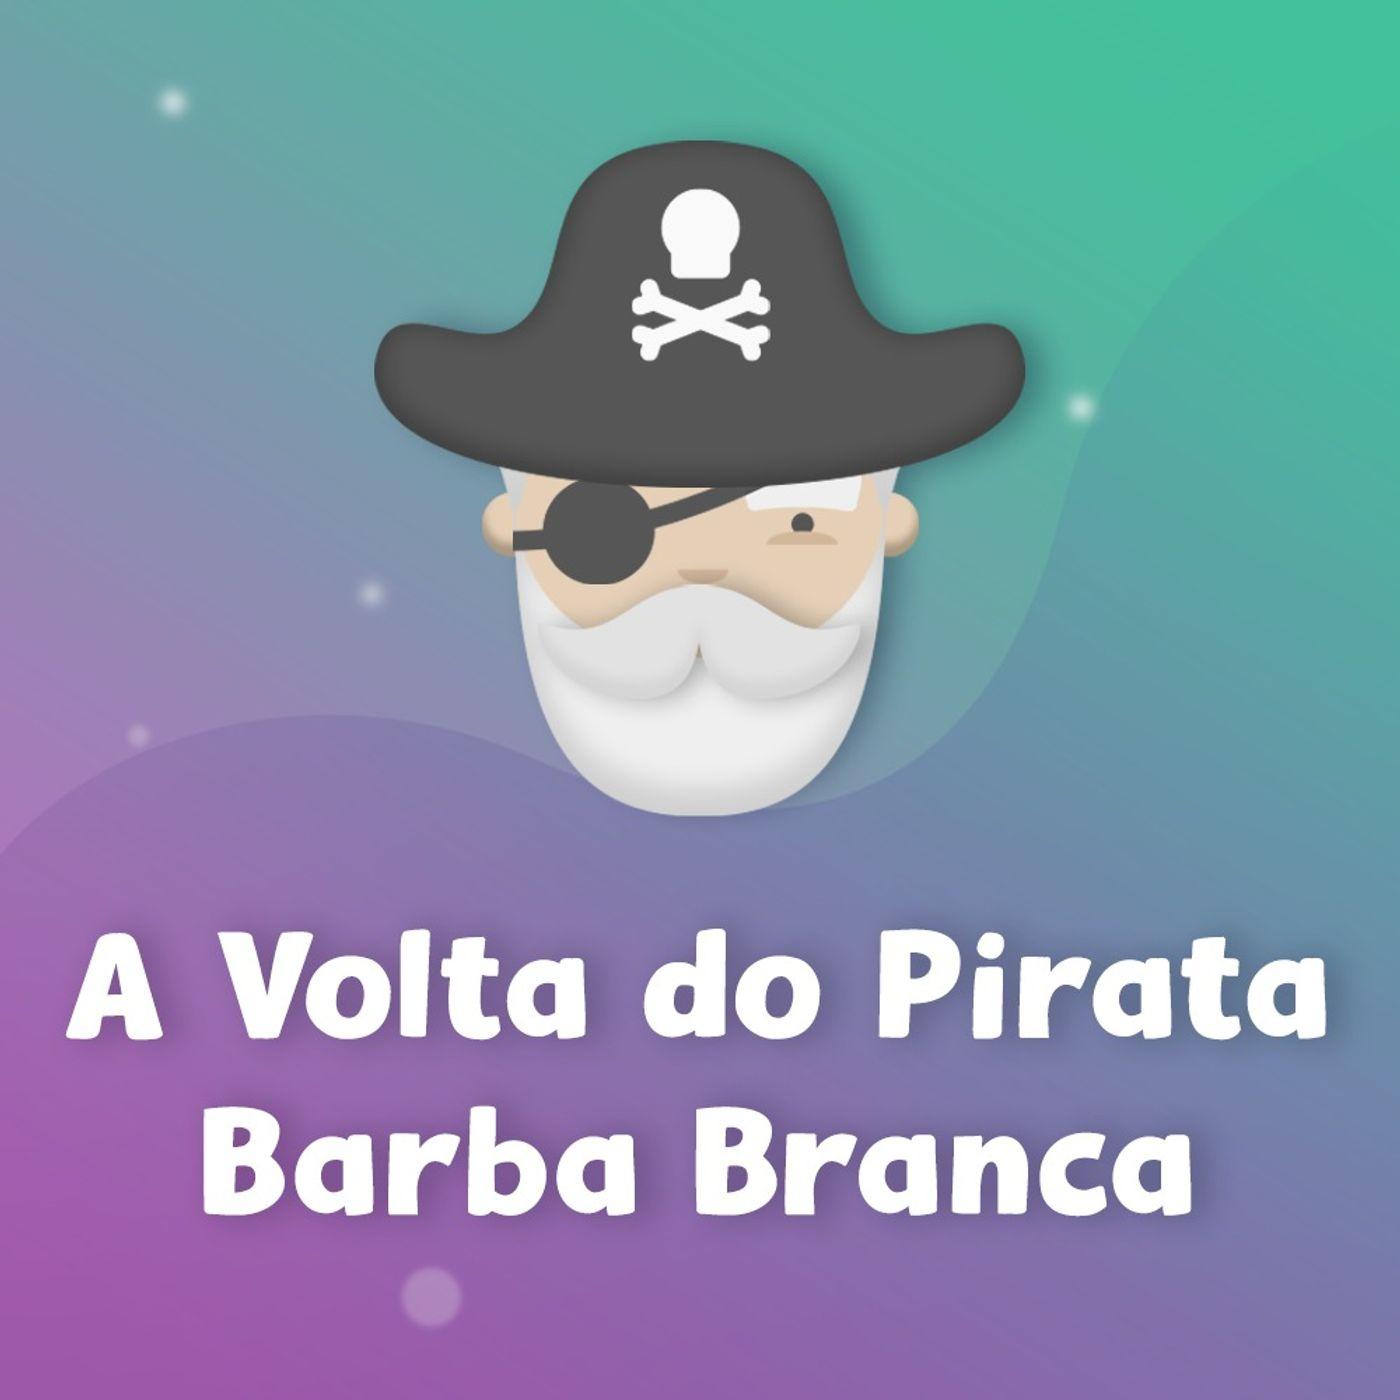 A Volta do Pirata Barba Branca